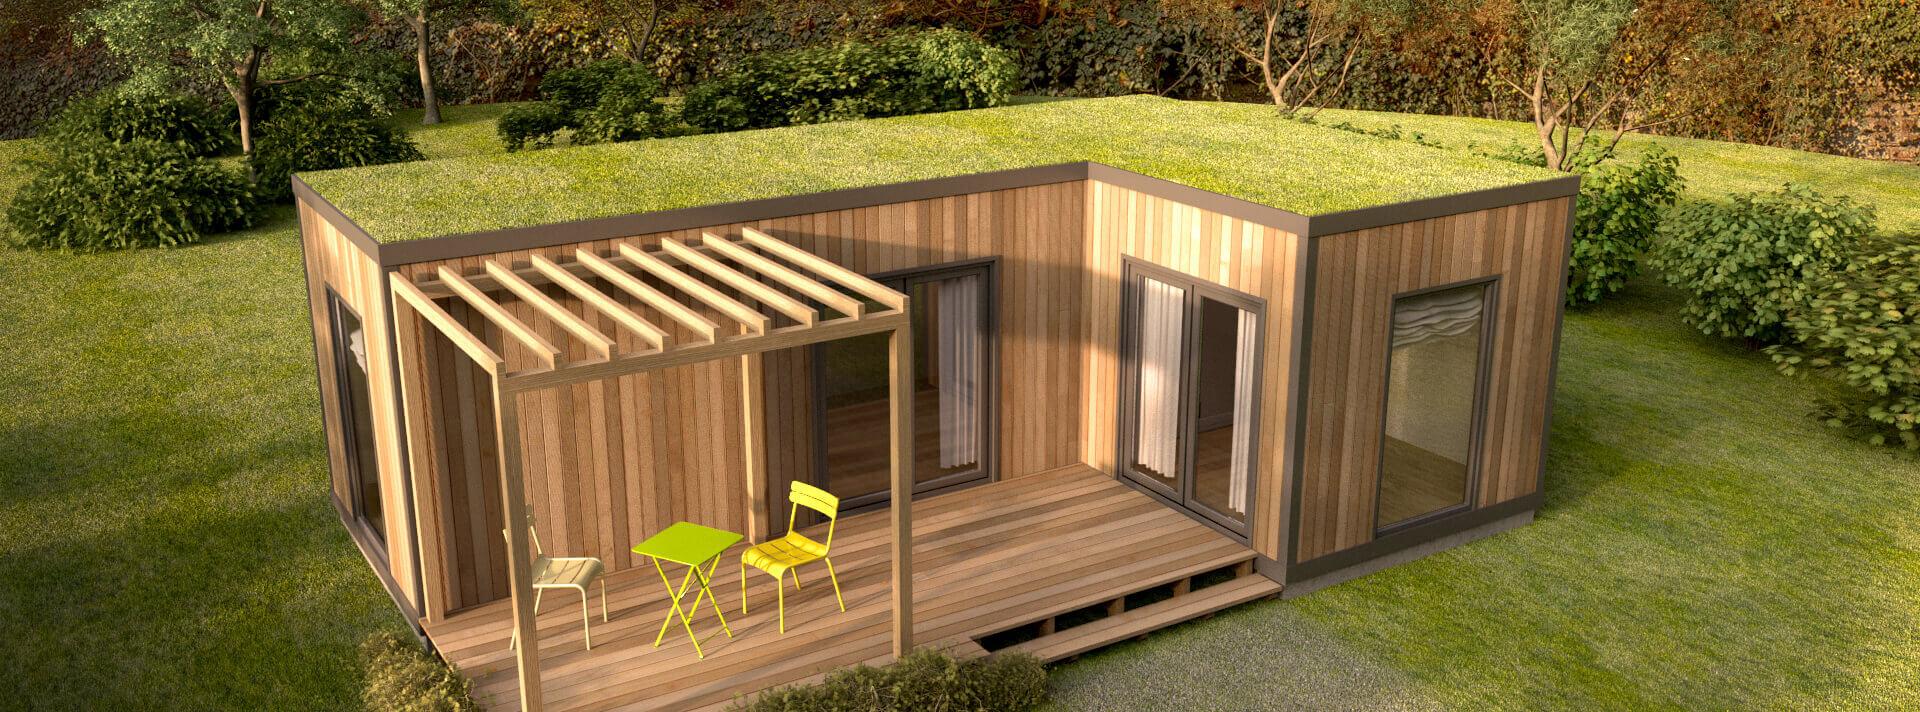 dom-modulowy-slajd-3